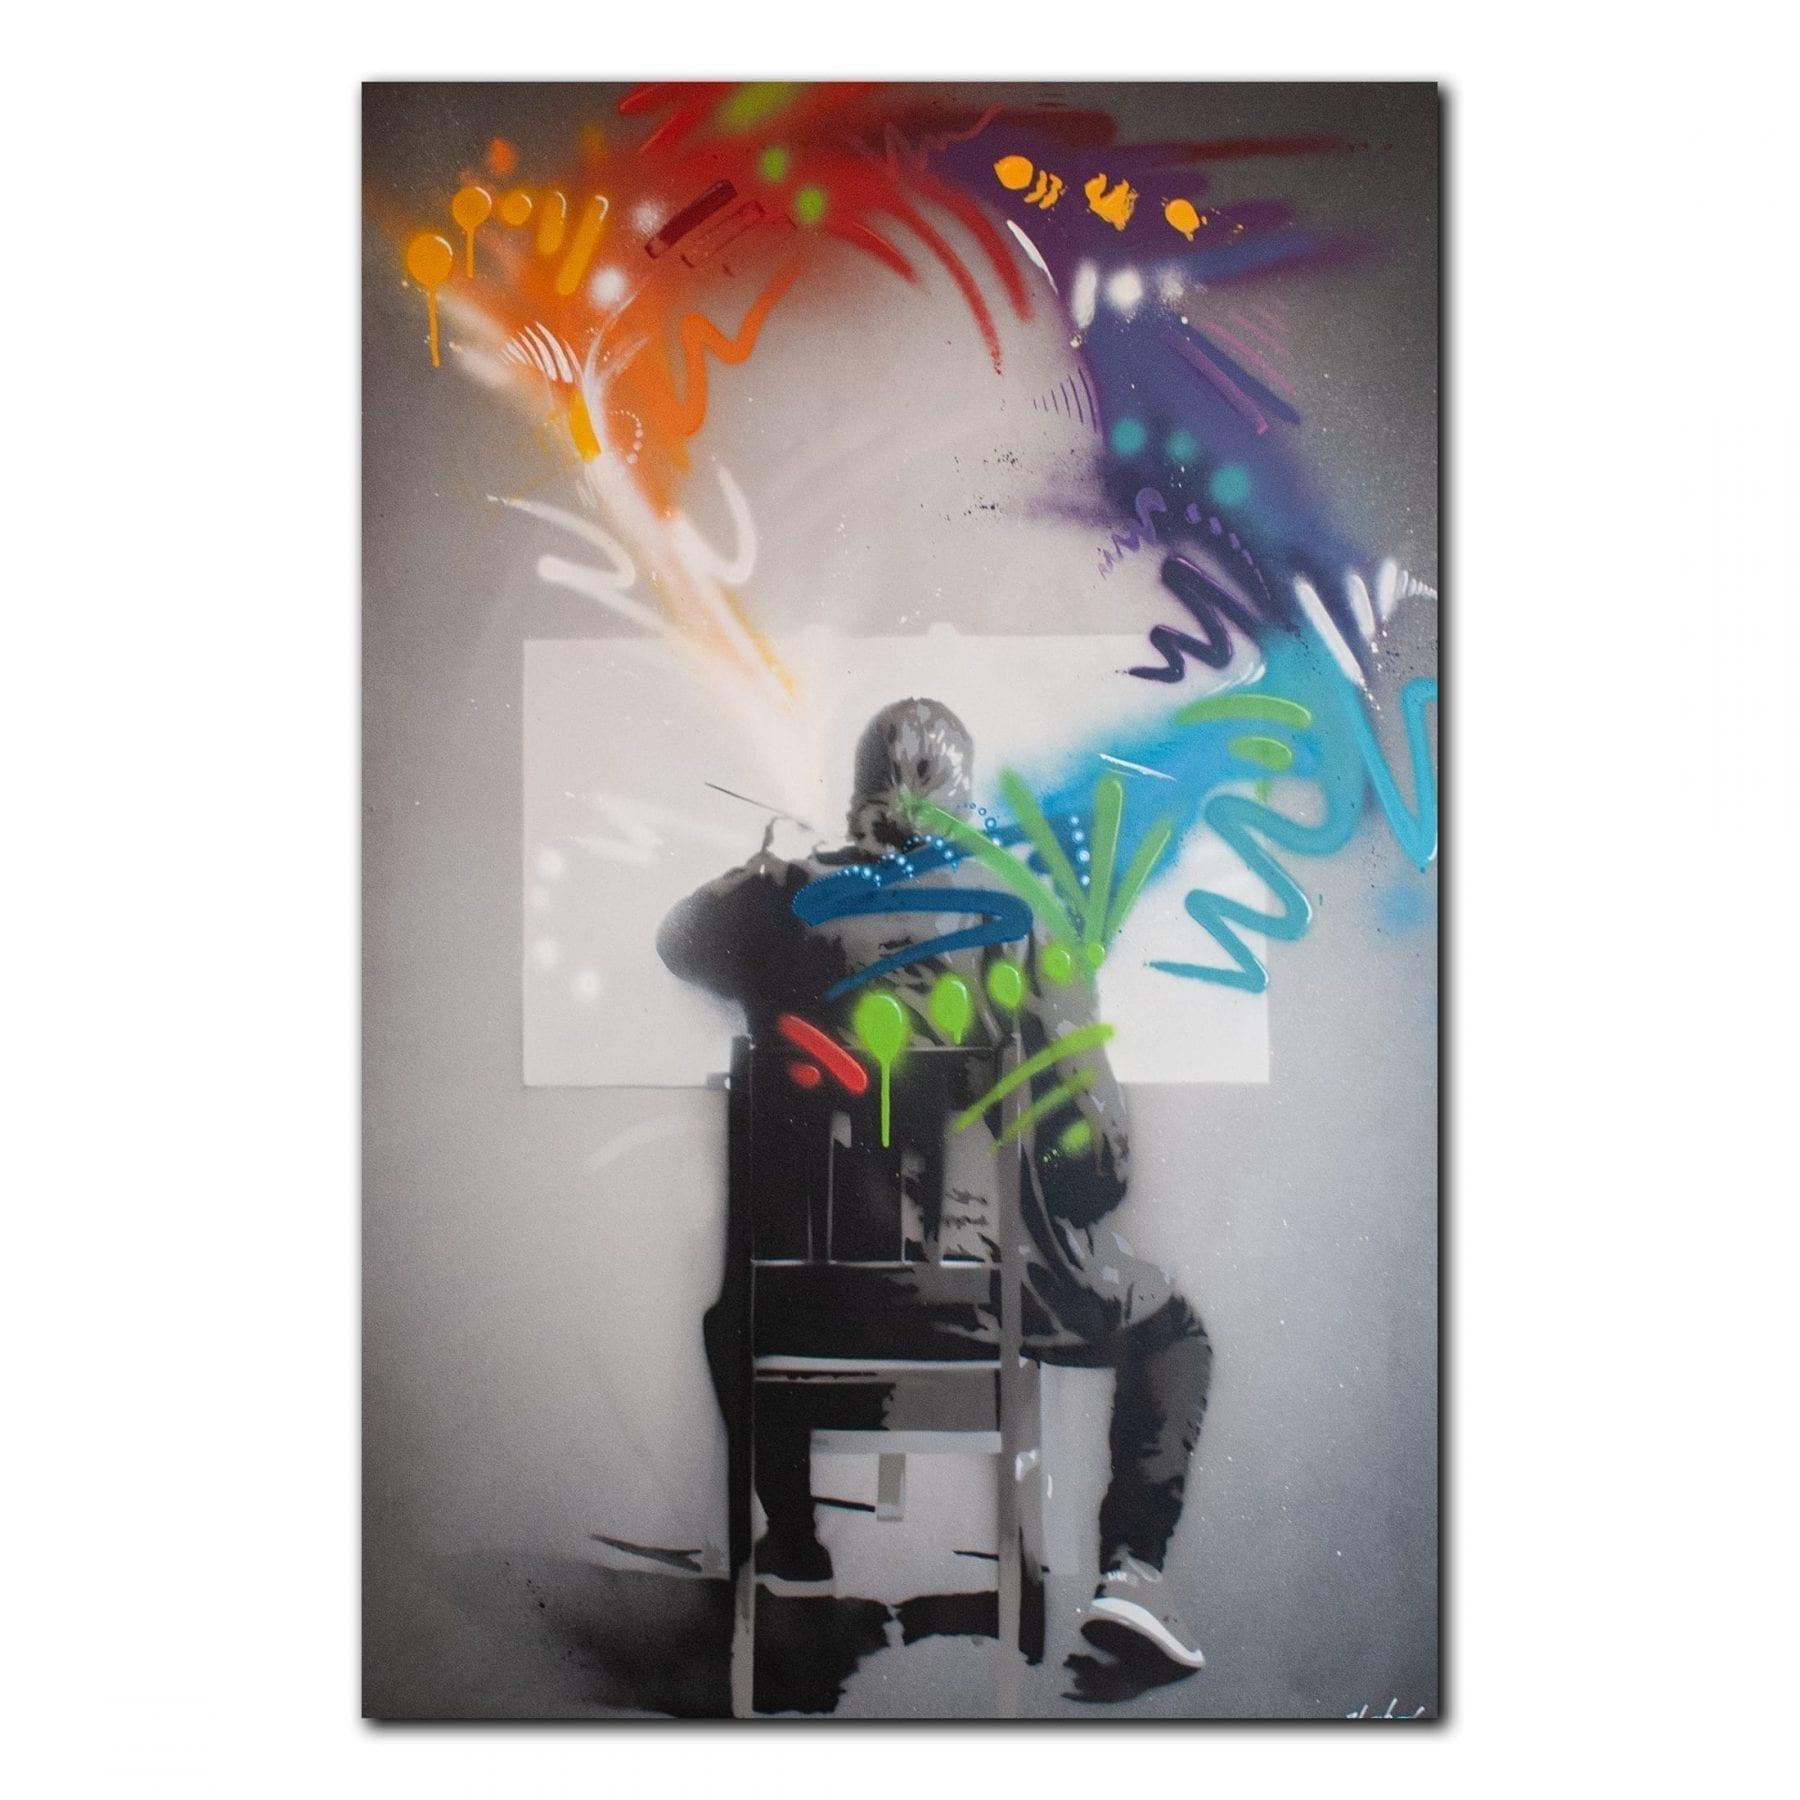 En person maler et bilde. Laget av Bjor